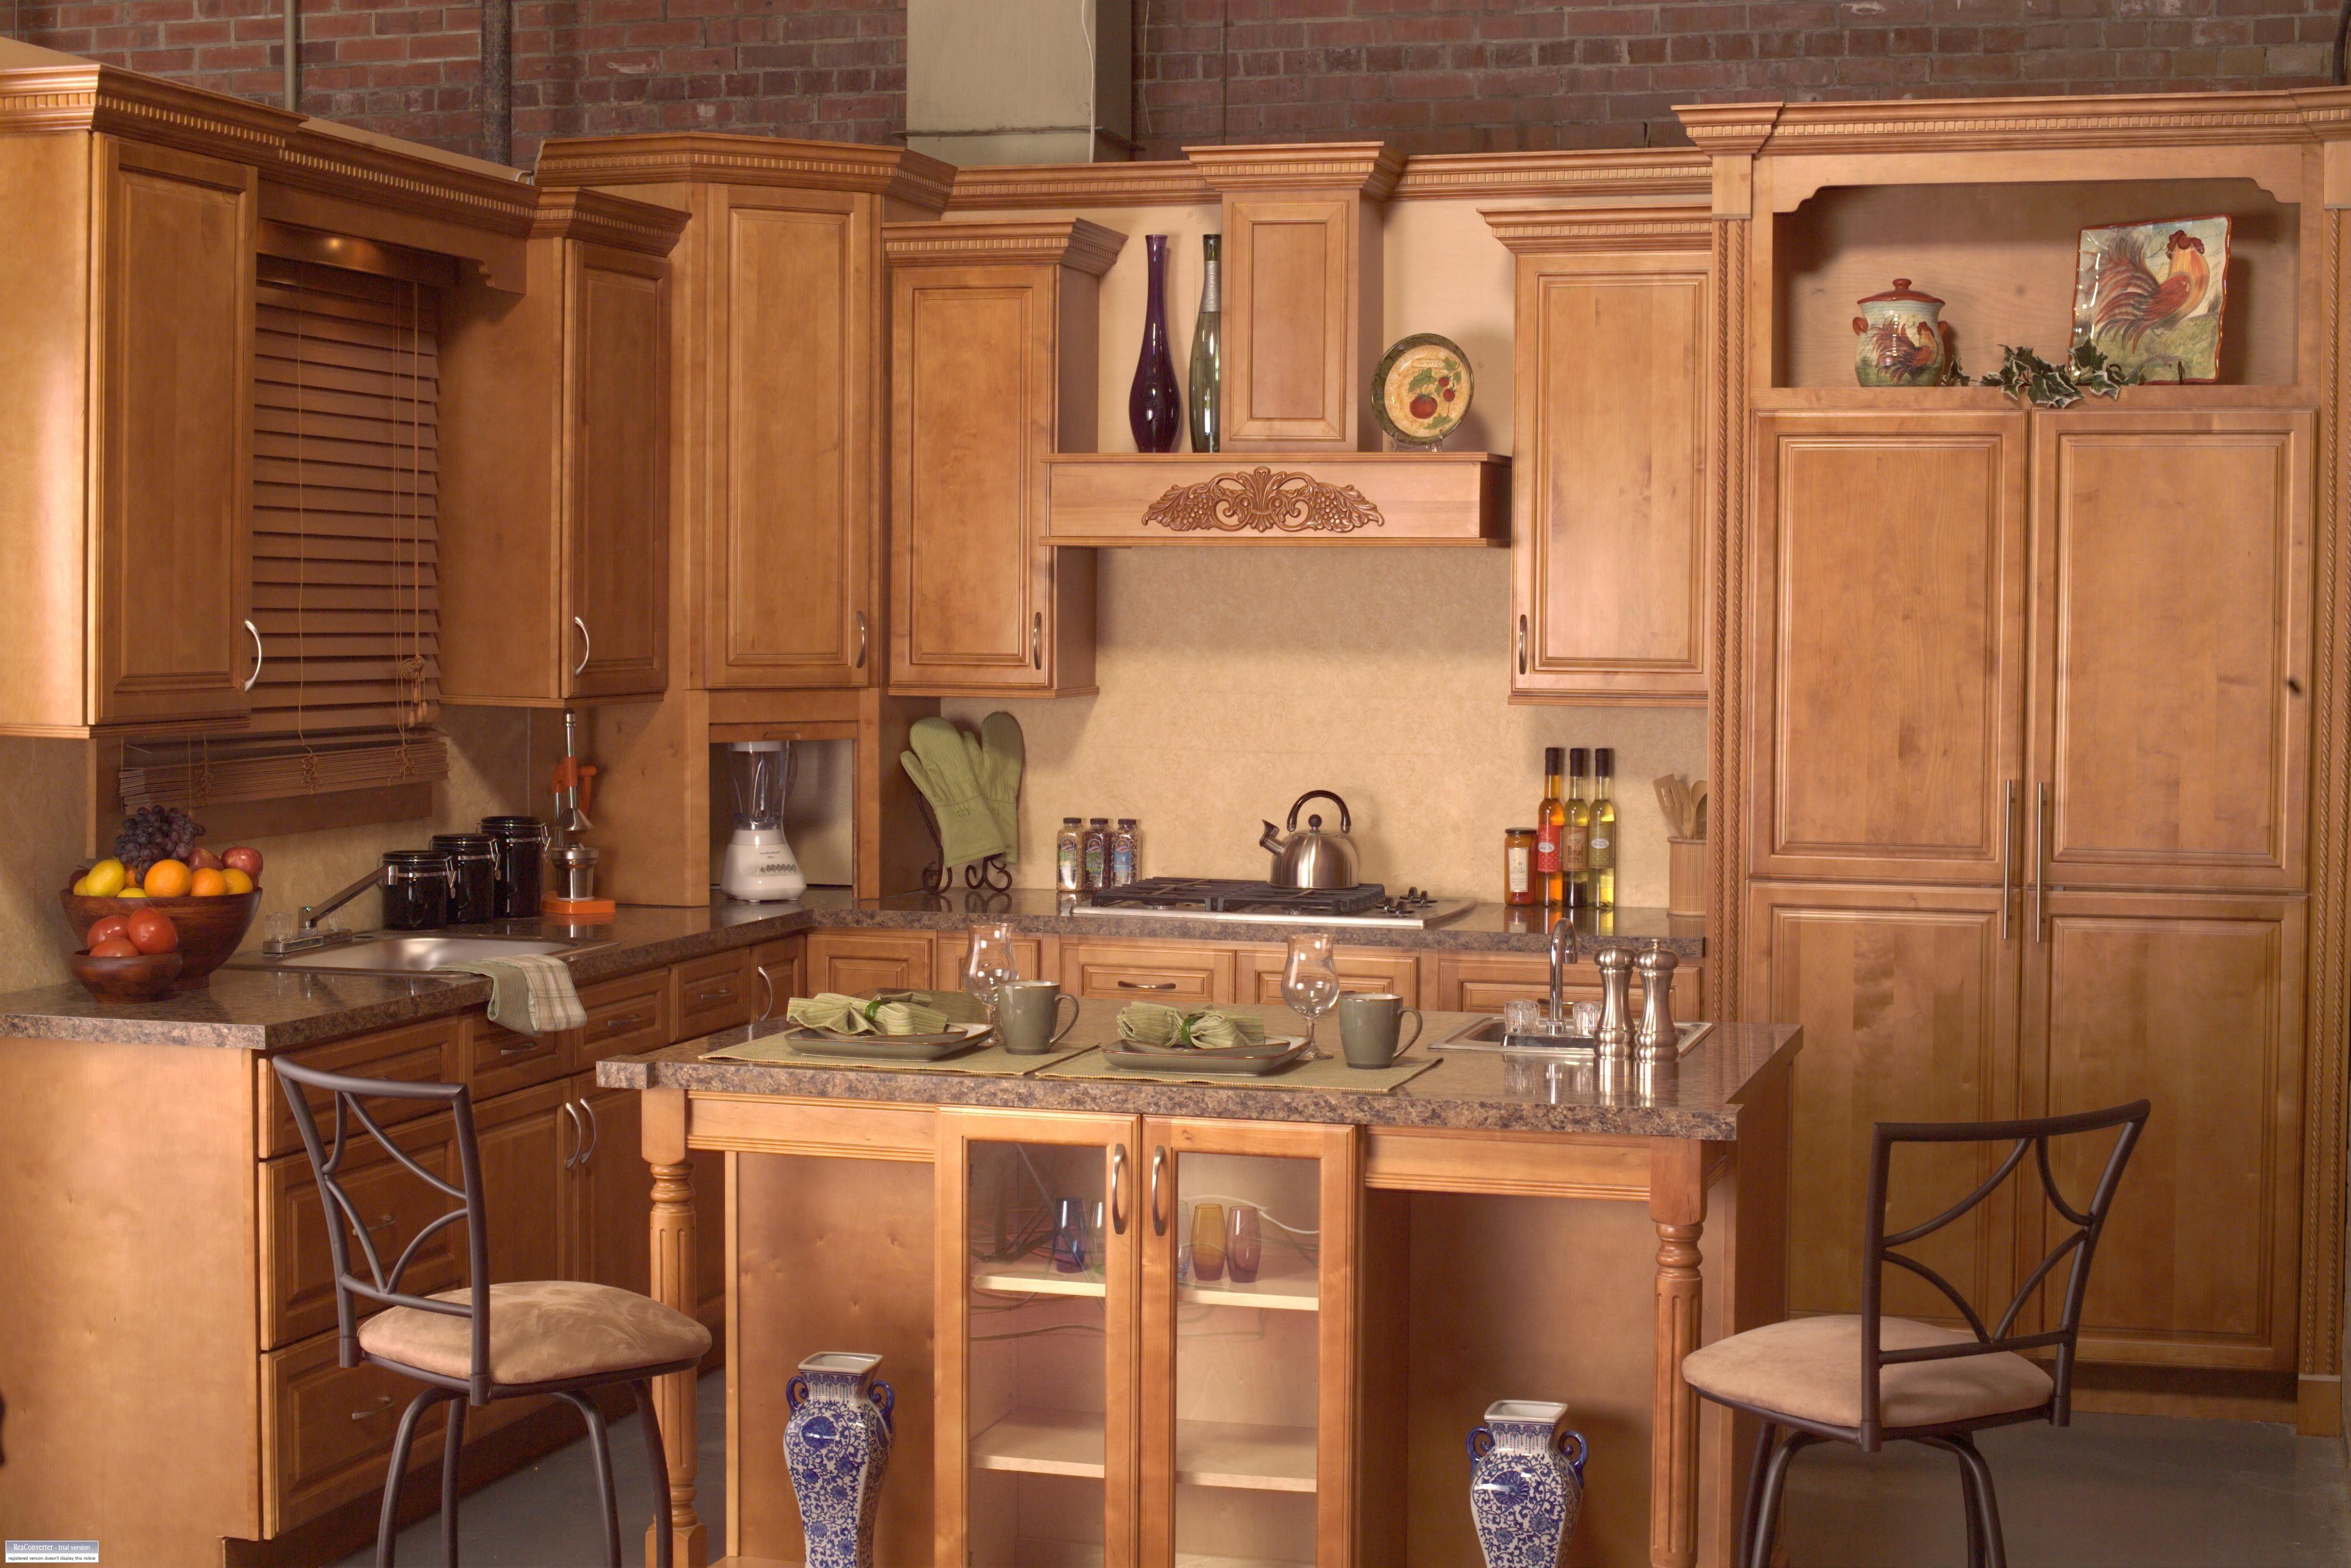 Spice Kitchen Spice Maple Kitchen Cabinets Premium Cabinets Kitchen Remodel Images Of Kitchen Cabinets Maple Kitchen Cabinets